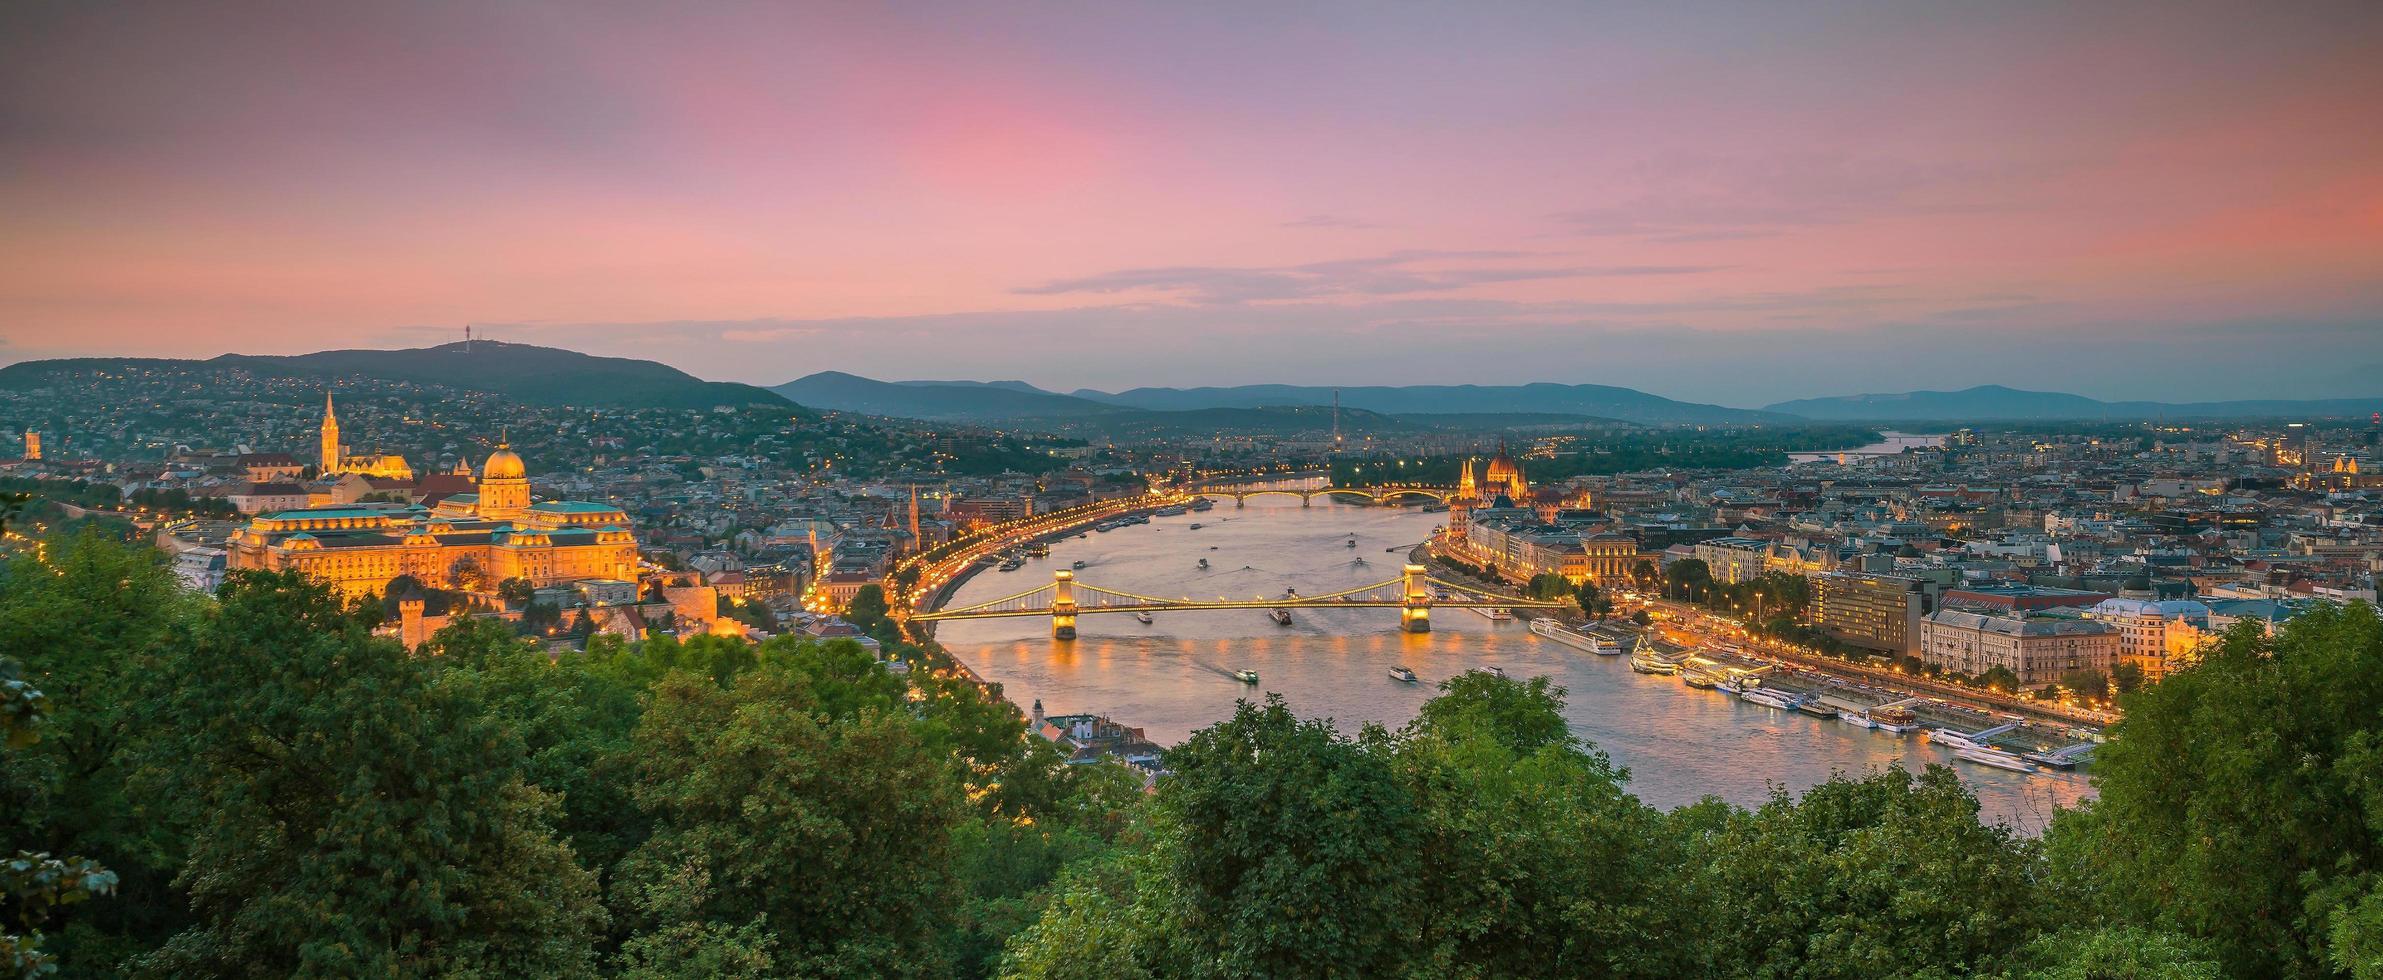 het centrum van boedapest in hongarije foto